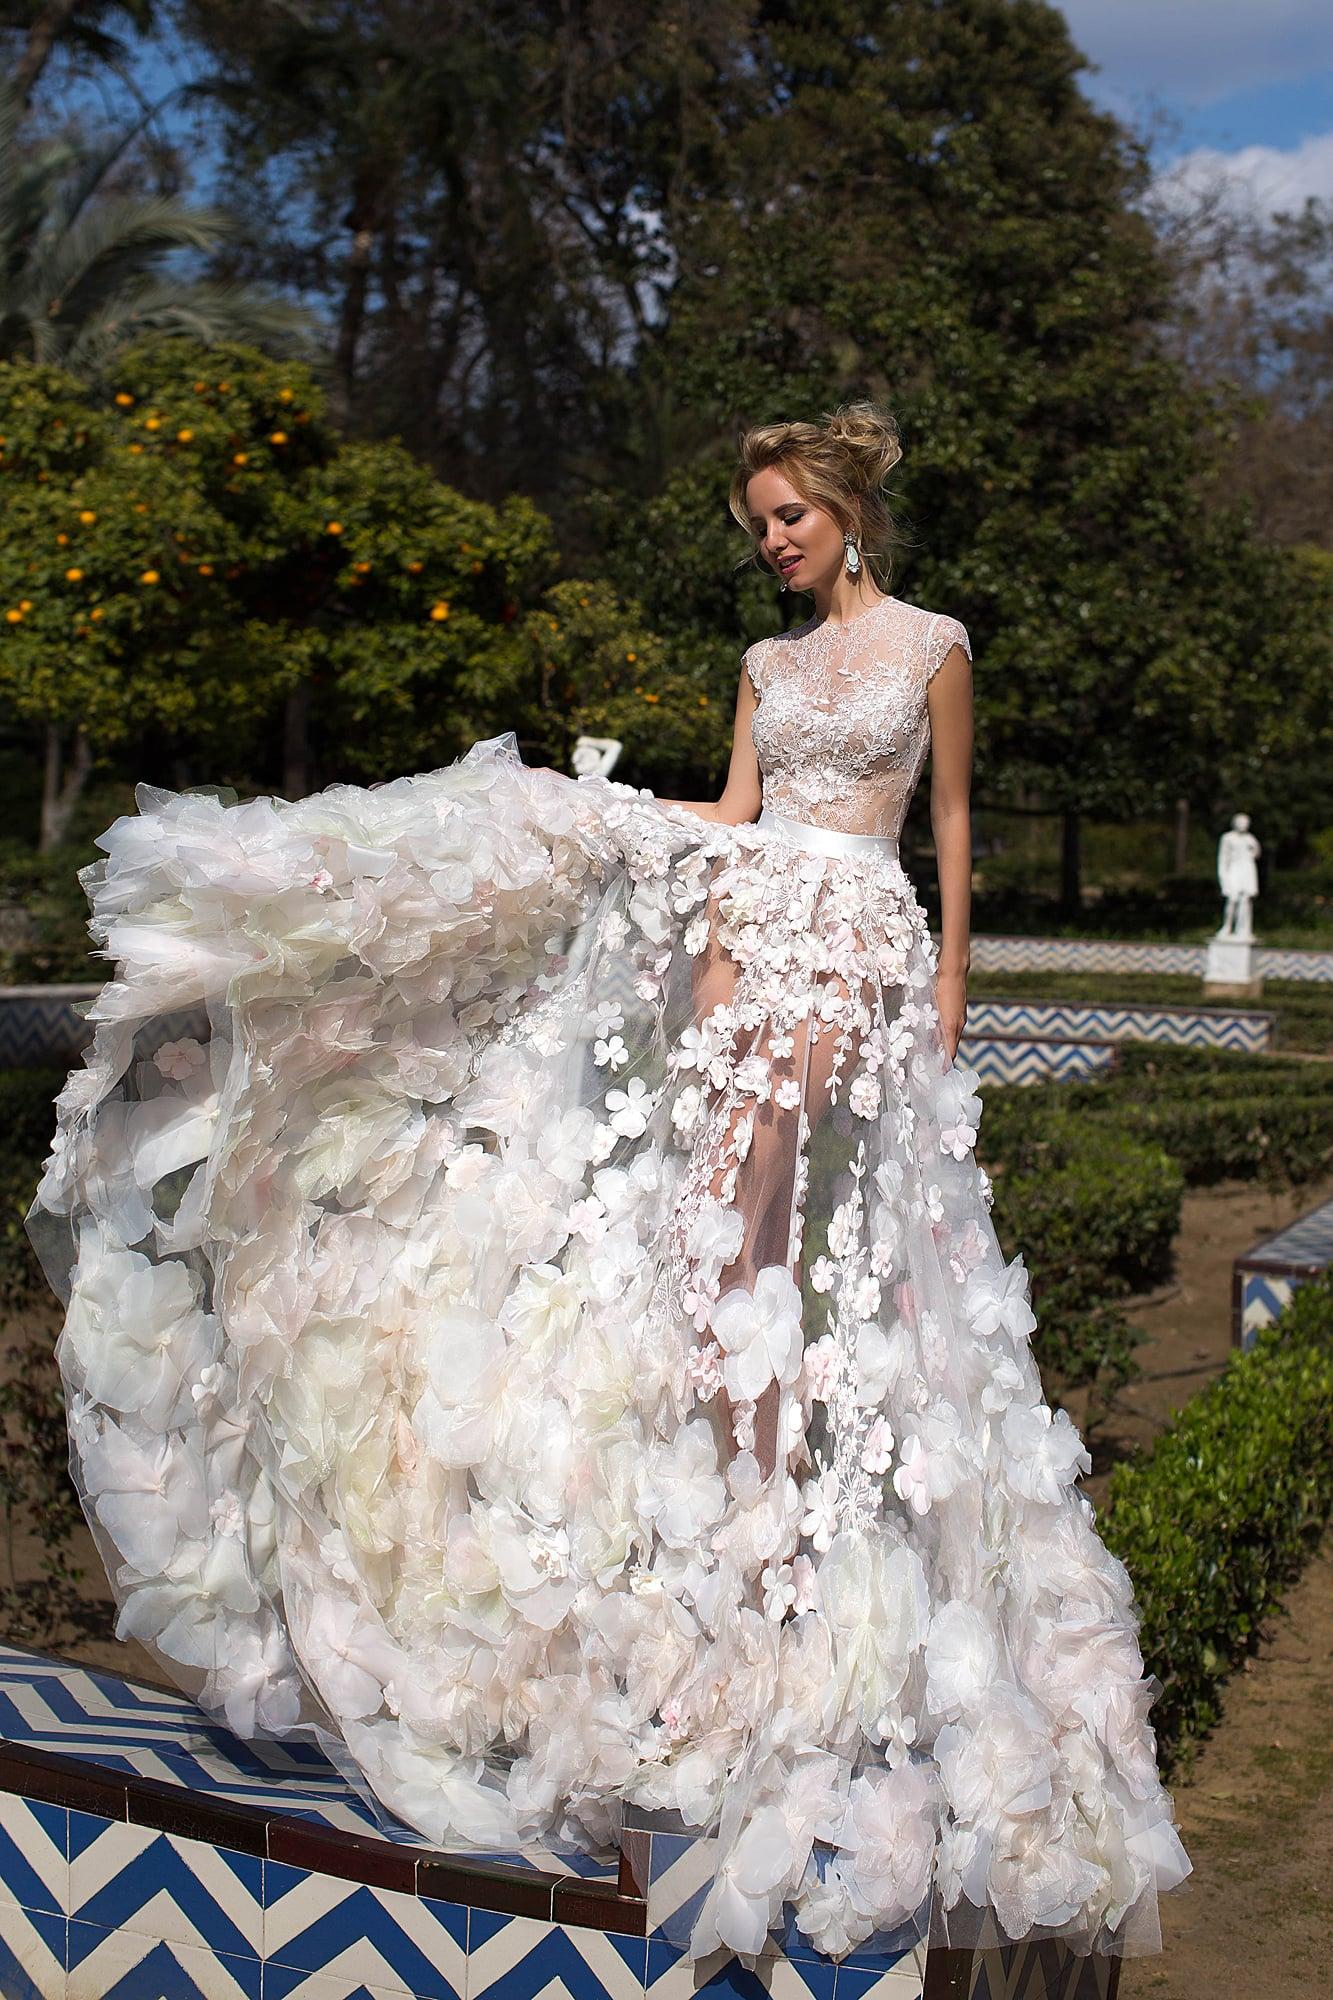 8f1ce27fbda7d08 Стильное свадебное платье прямого силуэта из полупрозрачной ткани с  объемным декором.